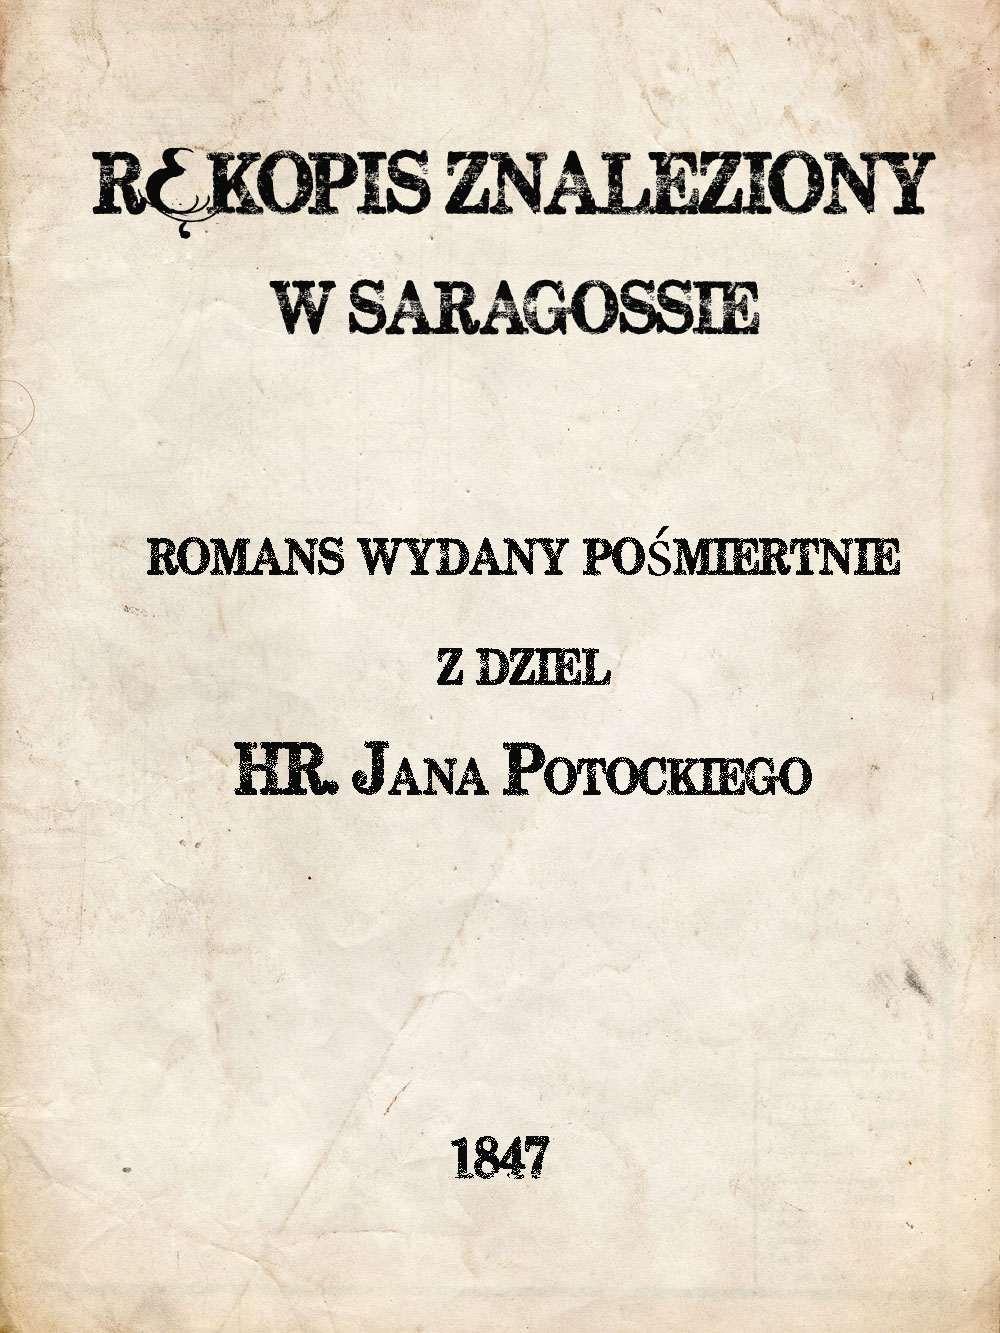 Rękopis znaleziony w Saragossie - Ebook (Książka na Kindle) do pobrania w formacie MOBI